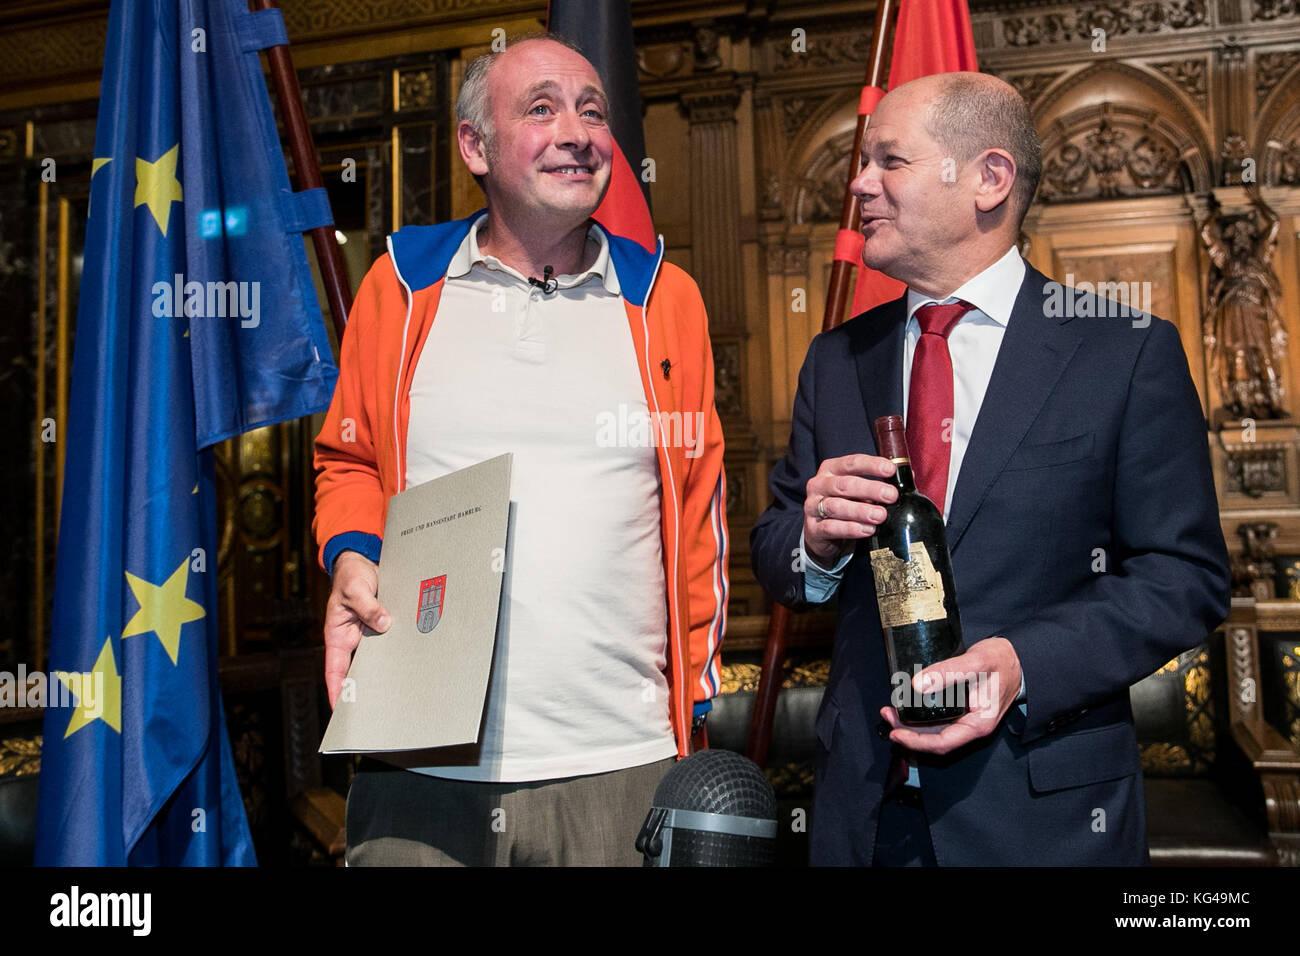 L'artiste de cabaret, Emmanuel peterfalvi (l), présente une bouteille de vin rouge pour le premier maire de Hambourg d'Olaf Scholz le parti social-démocrate d'Allemagne (SPD) après la 42e cérémonie de naturalisation dans le grand hall de l'hôtel de ville de Hambourg le 03 novembre 2017. Le comédien de paris connu sous le nom de alfons a obtenu la citoyenneté allemande vendredi. plus de 100 autochtones de Hambourg ont célébré leur naturalisation à l'hôtel de ville cérémonie. photo: christian charisius/dpa Banque D'Images